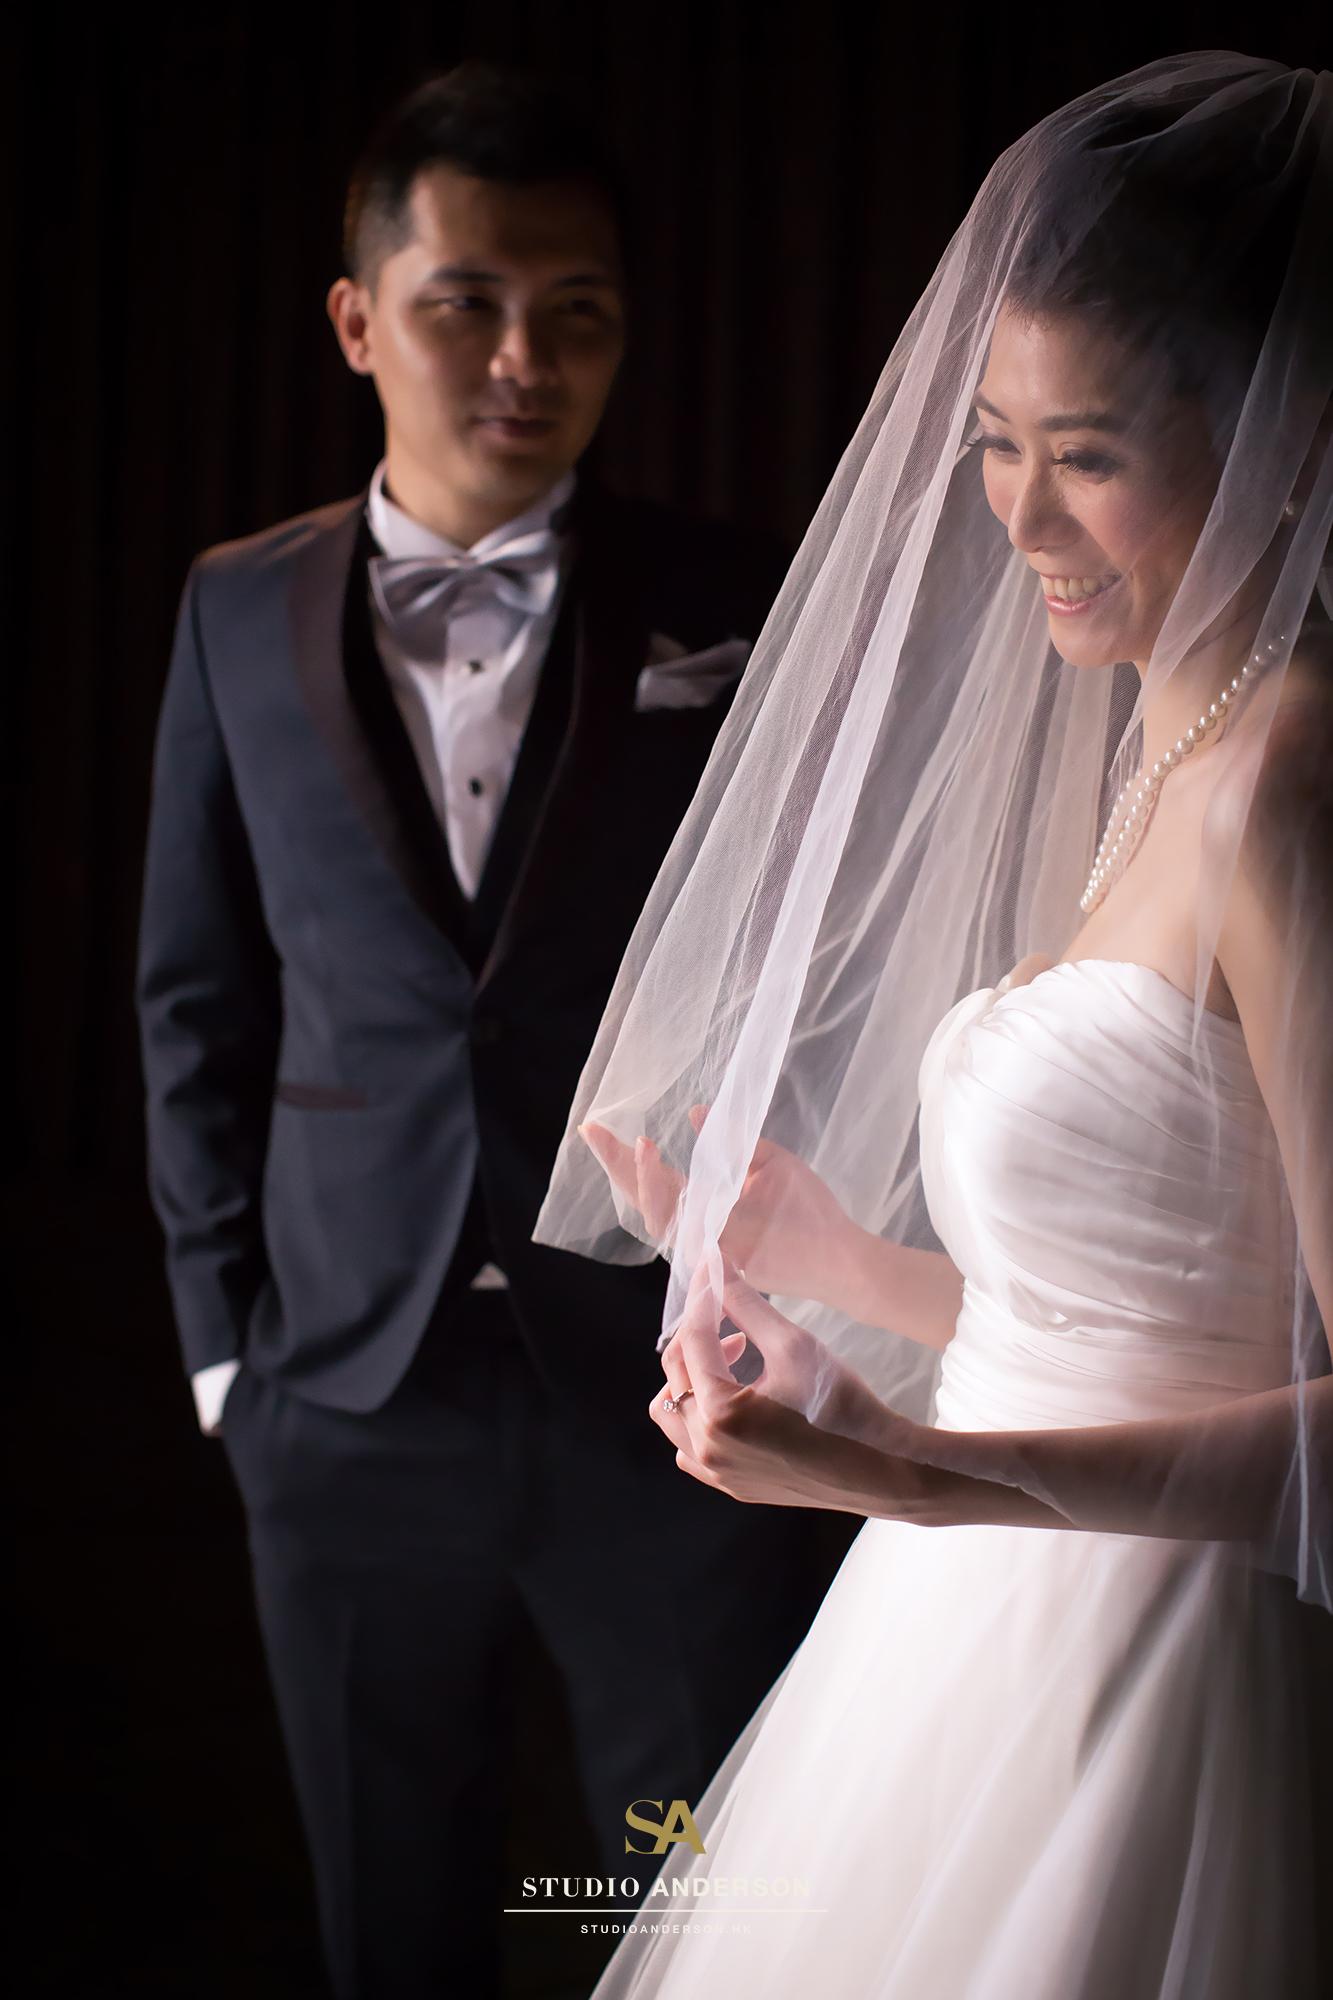 071 - Jay and Hang engagement (Watermark).jpg